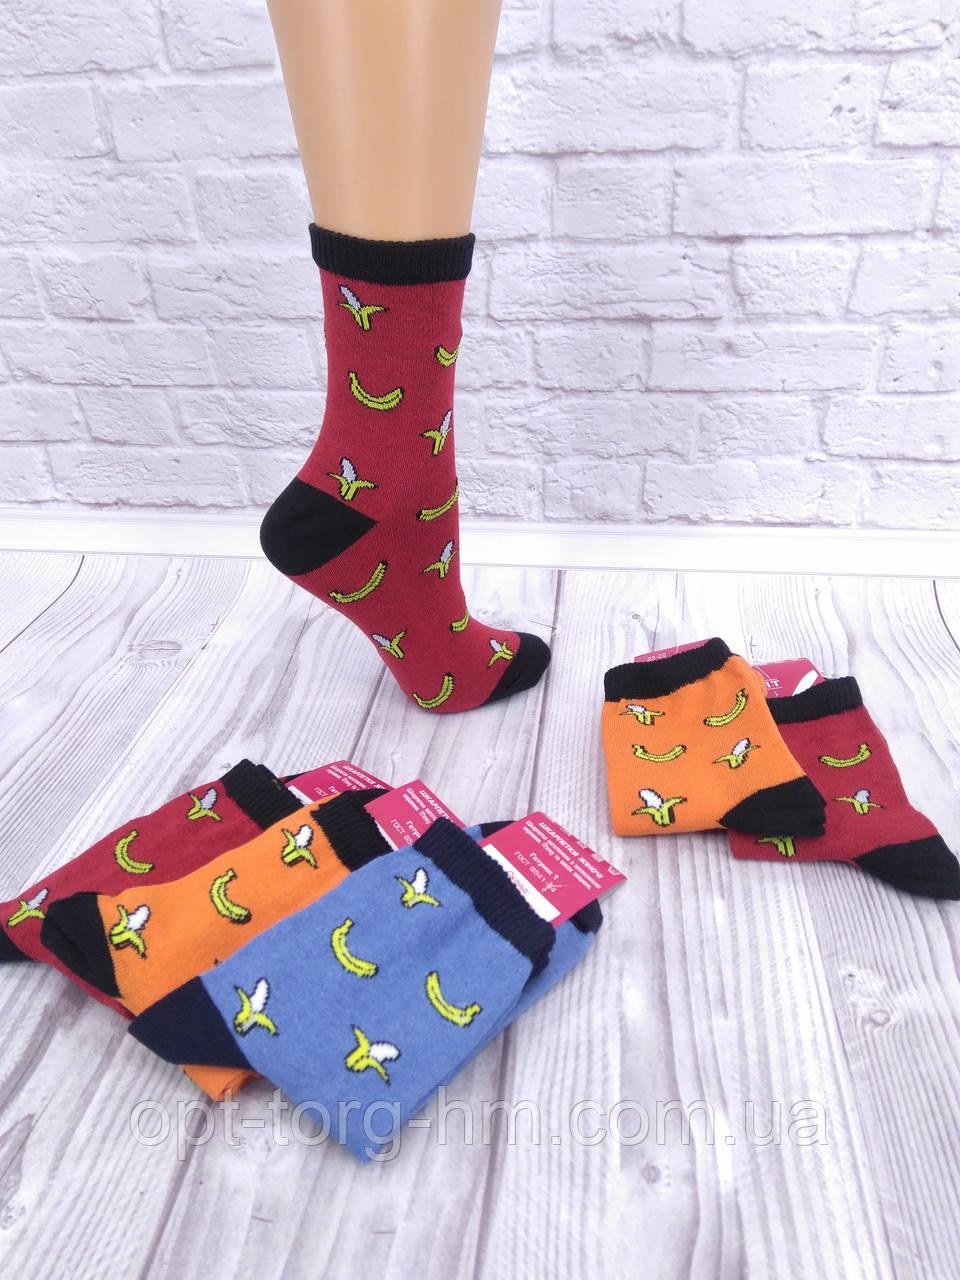 Жіночі шкарпетки банани